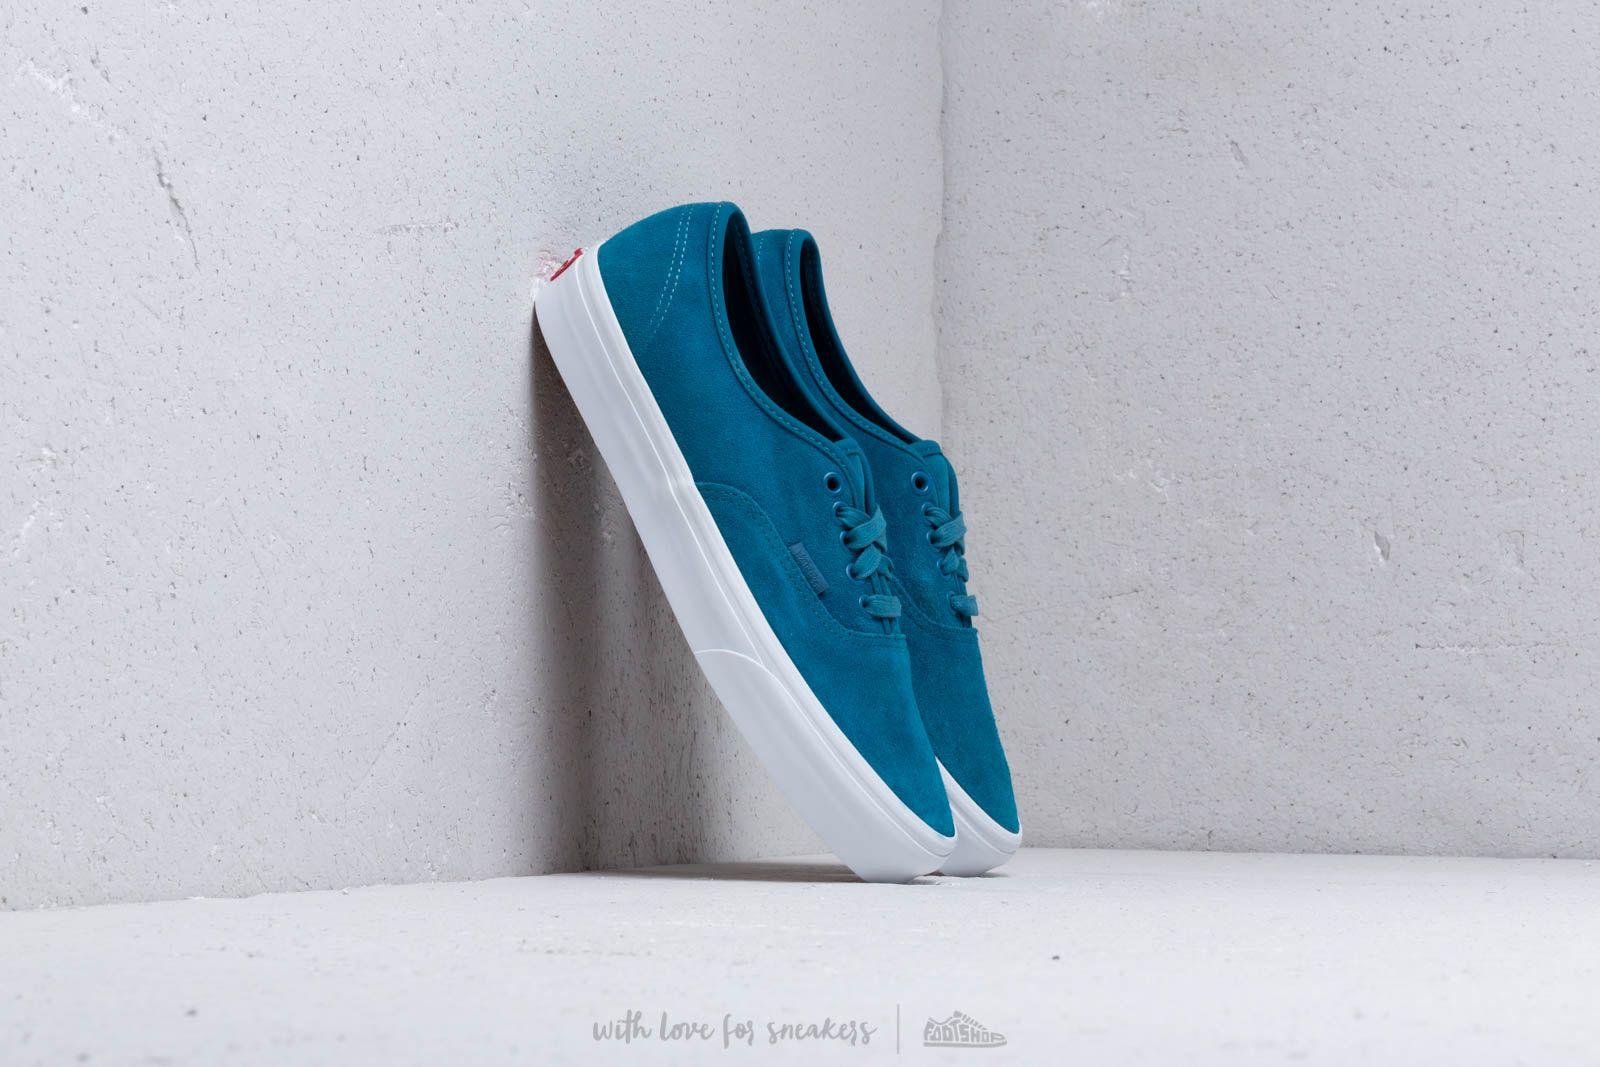 Vans Vans Authentic Soft Suede Blue | Grailed